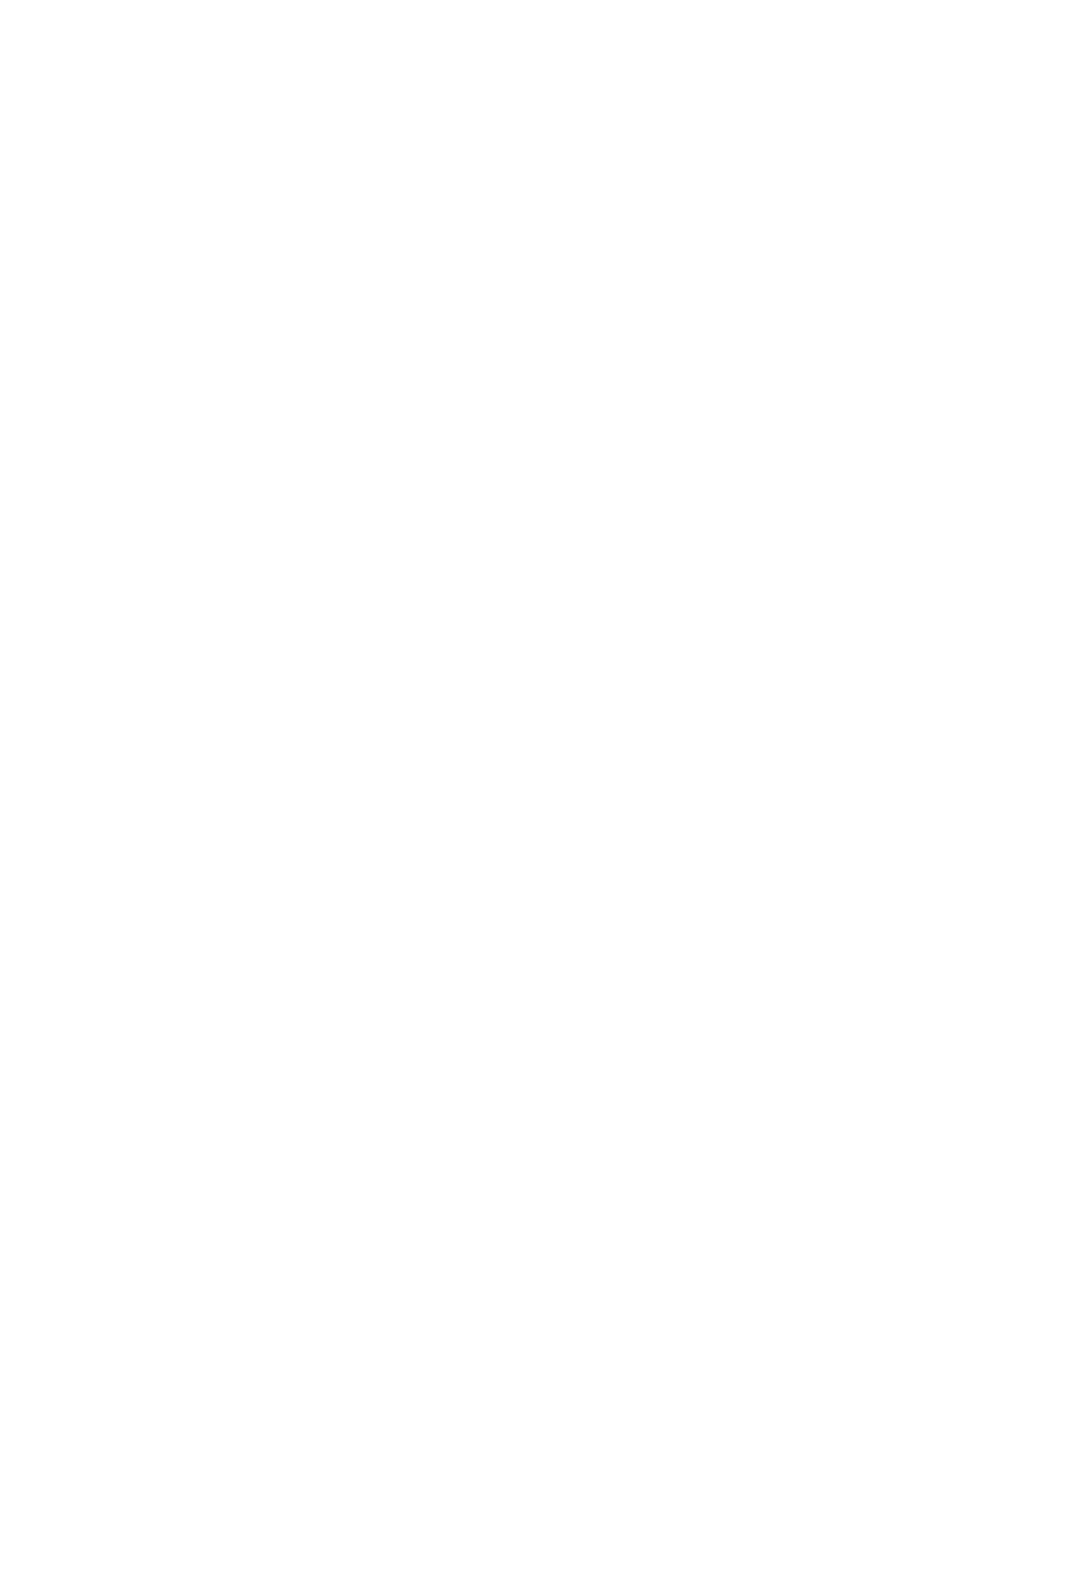 【エロ同人誌】公開生配信で船長を馬鹿にした不届き者を説教する美少女…身動き取れない男をフェラ責めからのパイズリから騎乗位で跨がれば、男の逆鱗に触れて反撃覚醒ファックを受けてしまう【宝鐘マリン】